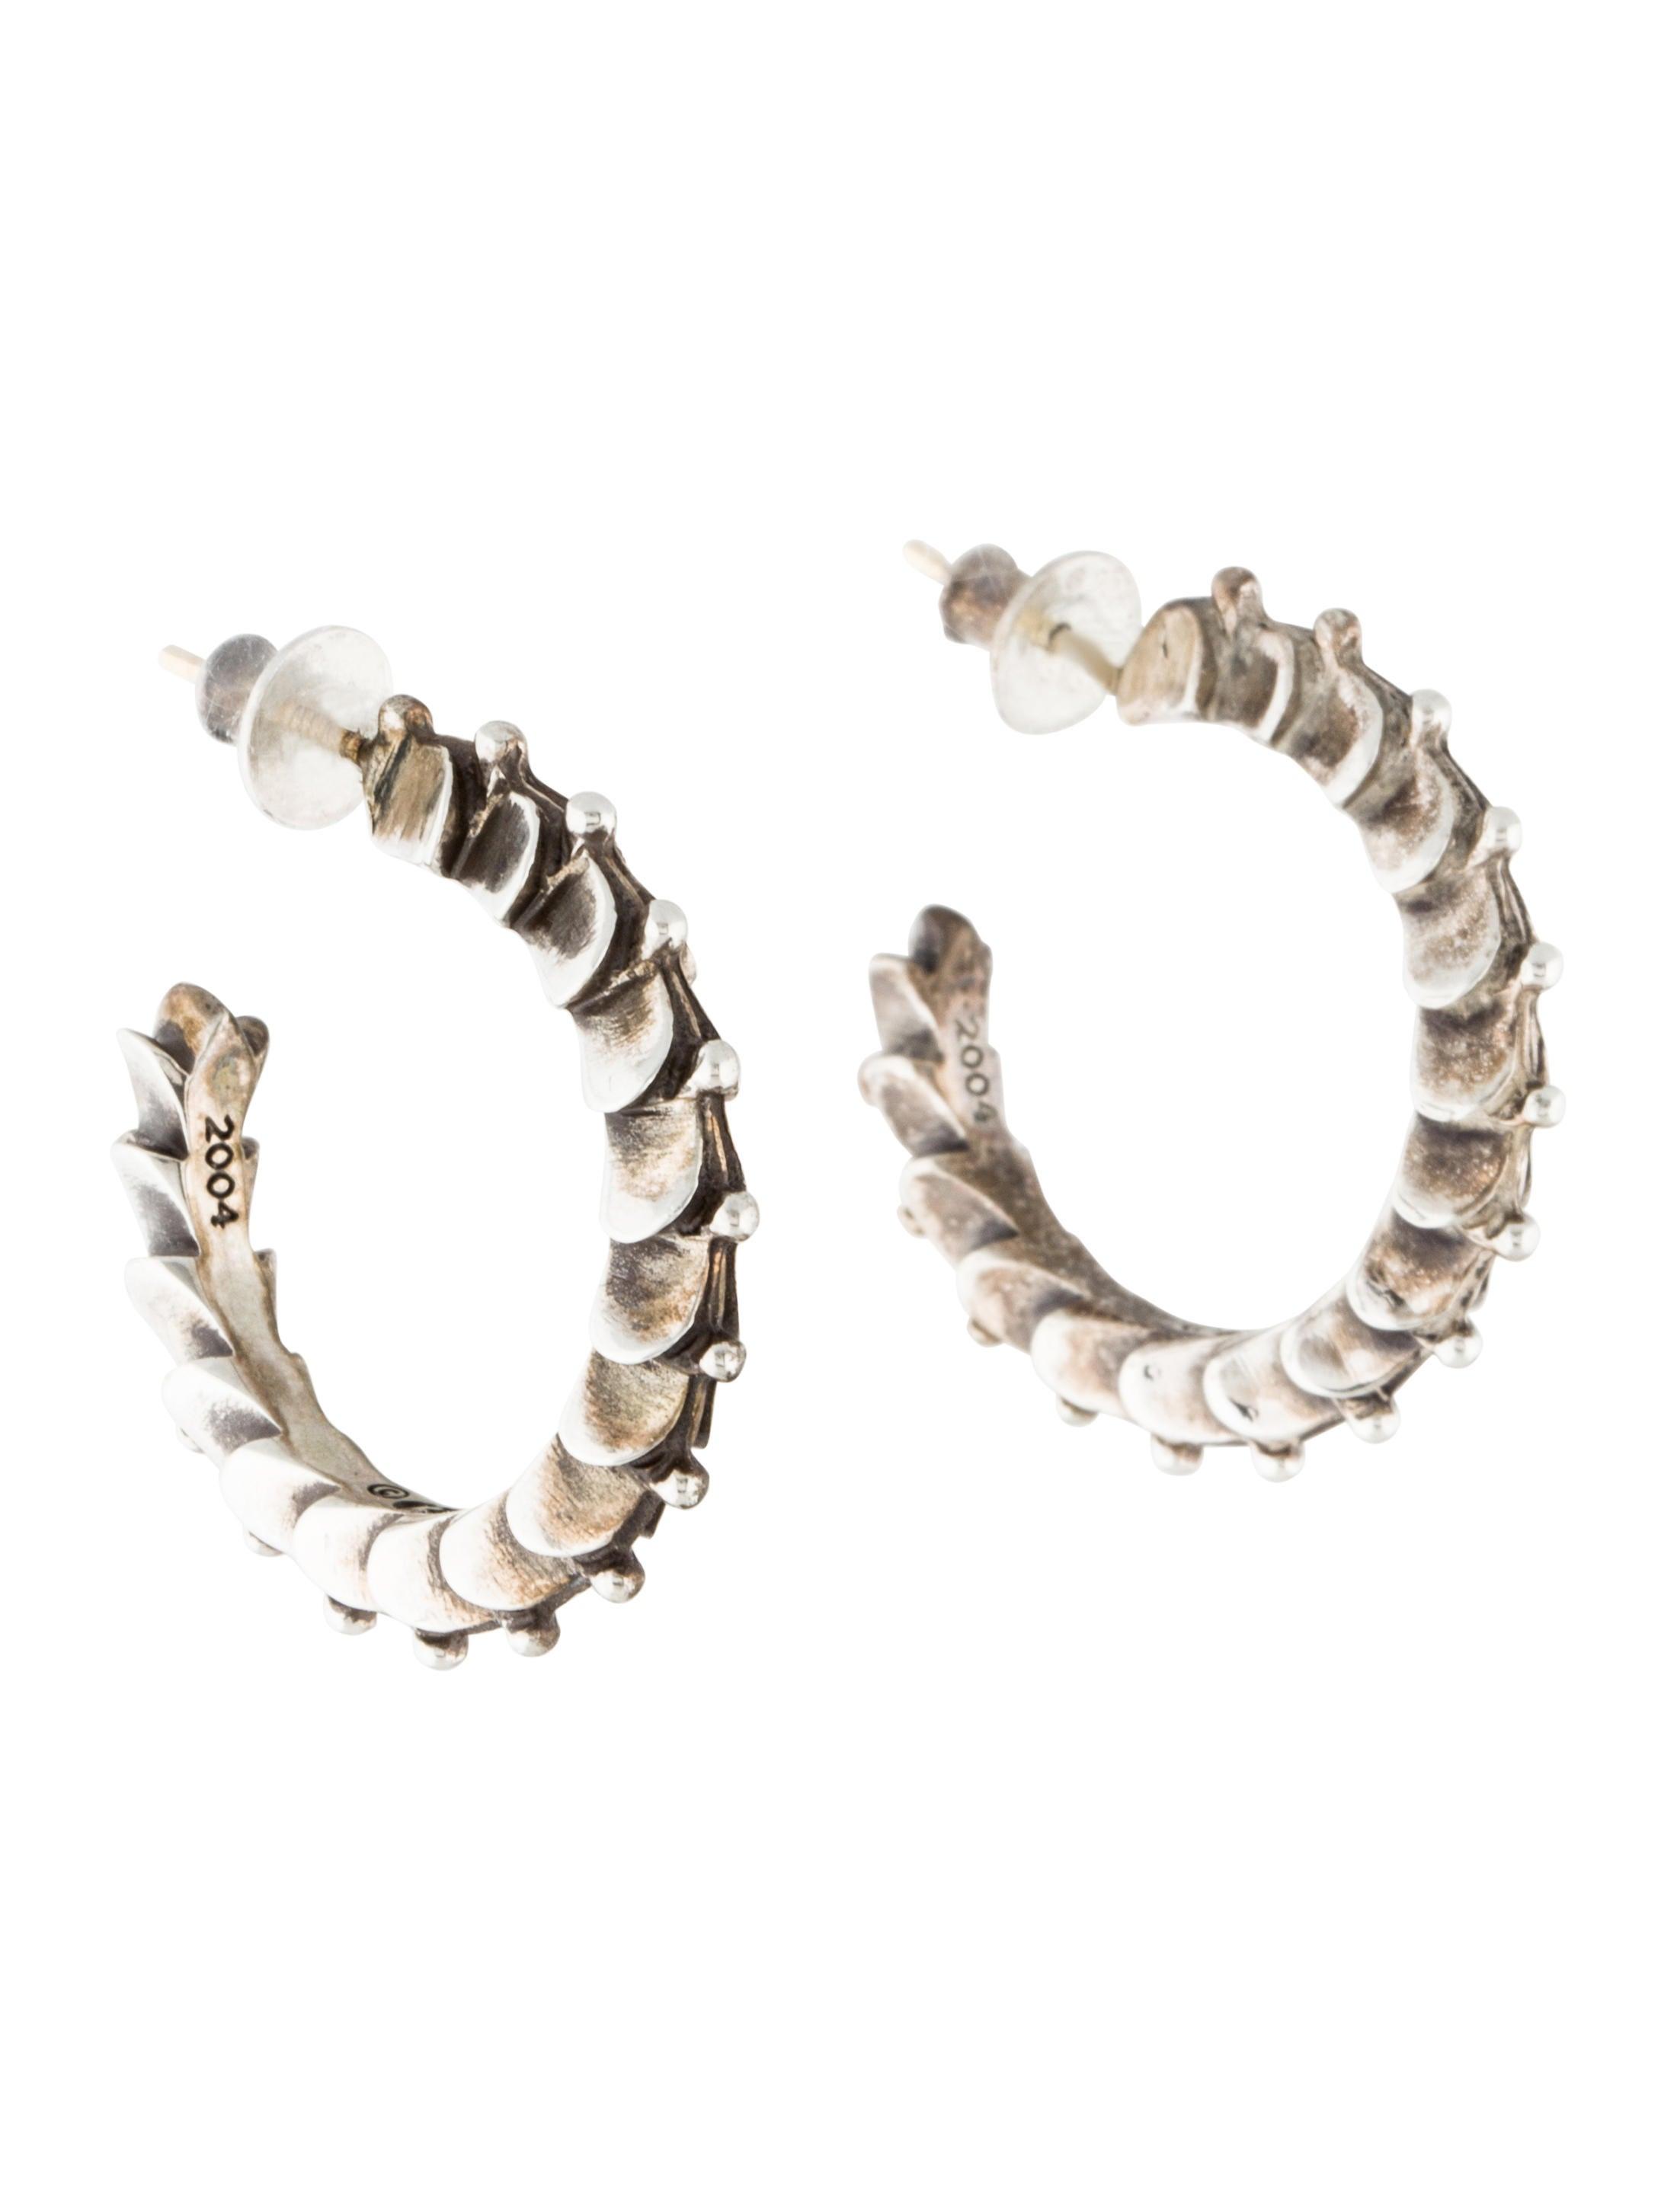 9b0ad4ef989f Chrome Hearts Hoop Earrings - Earrings - CHH21862